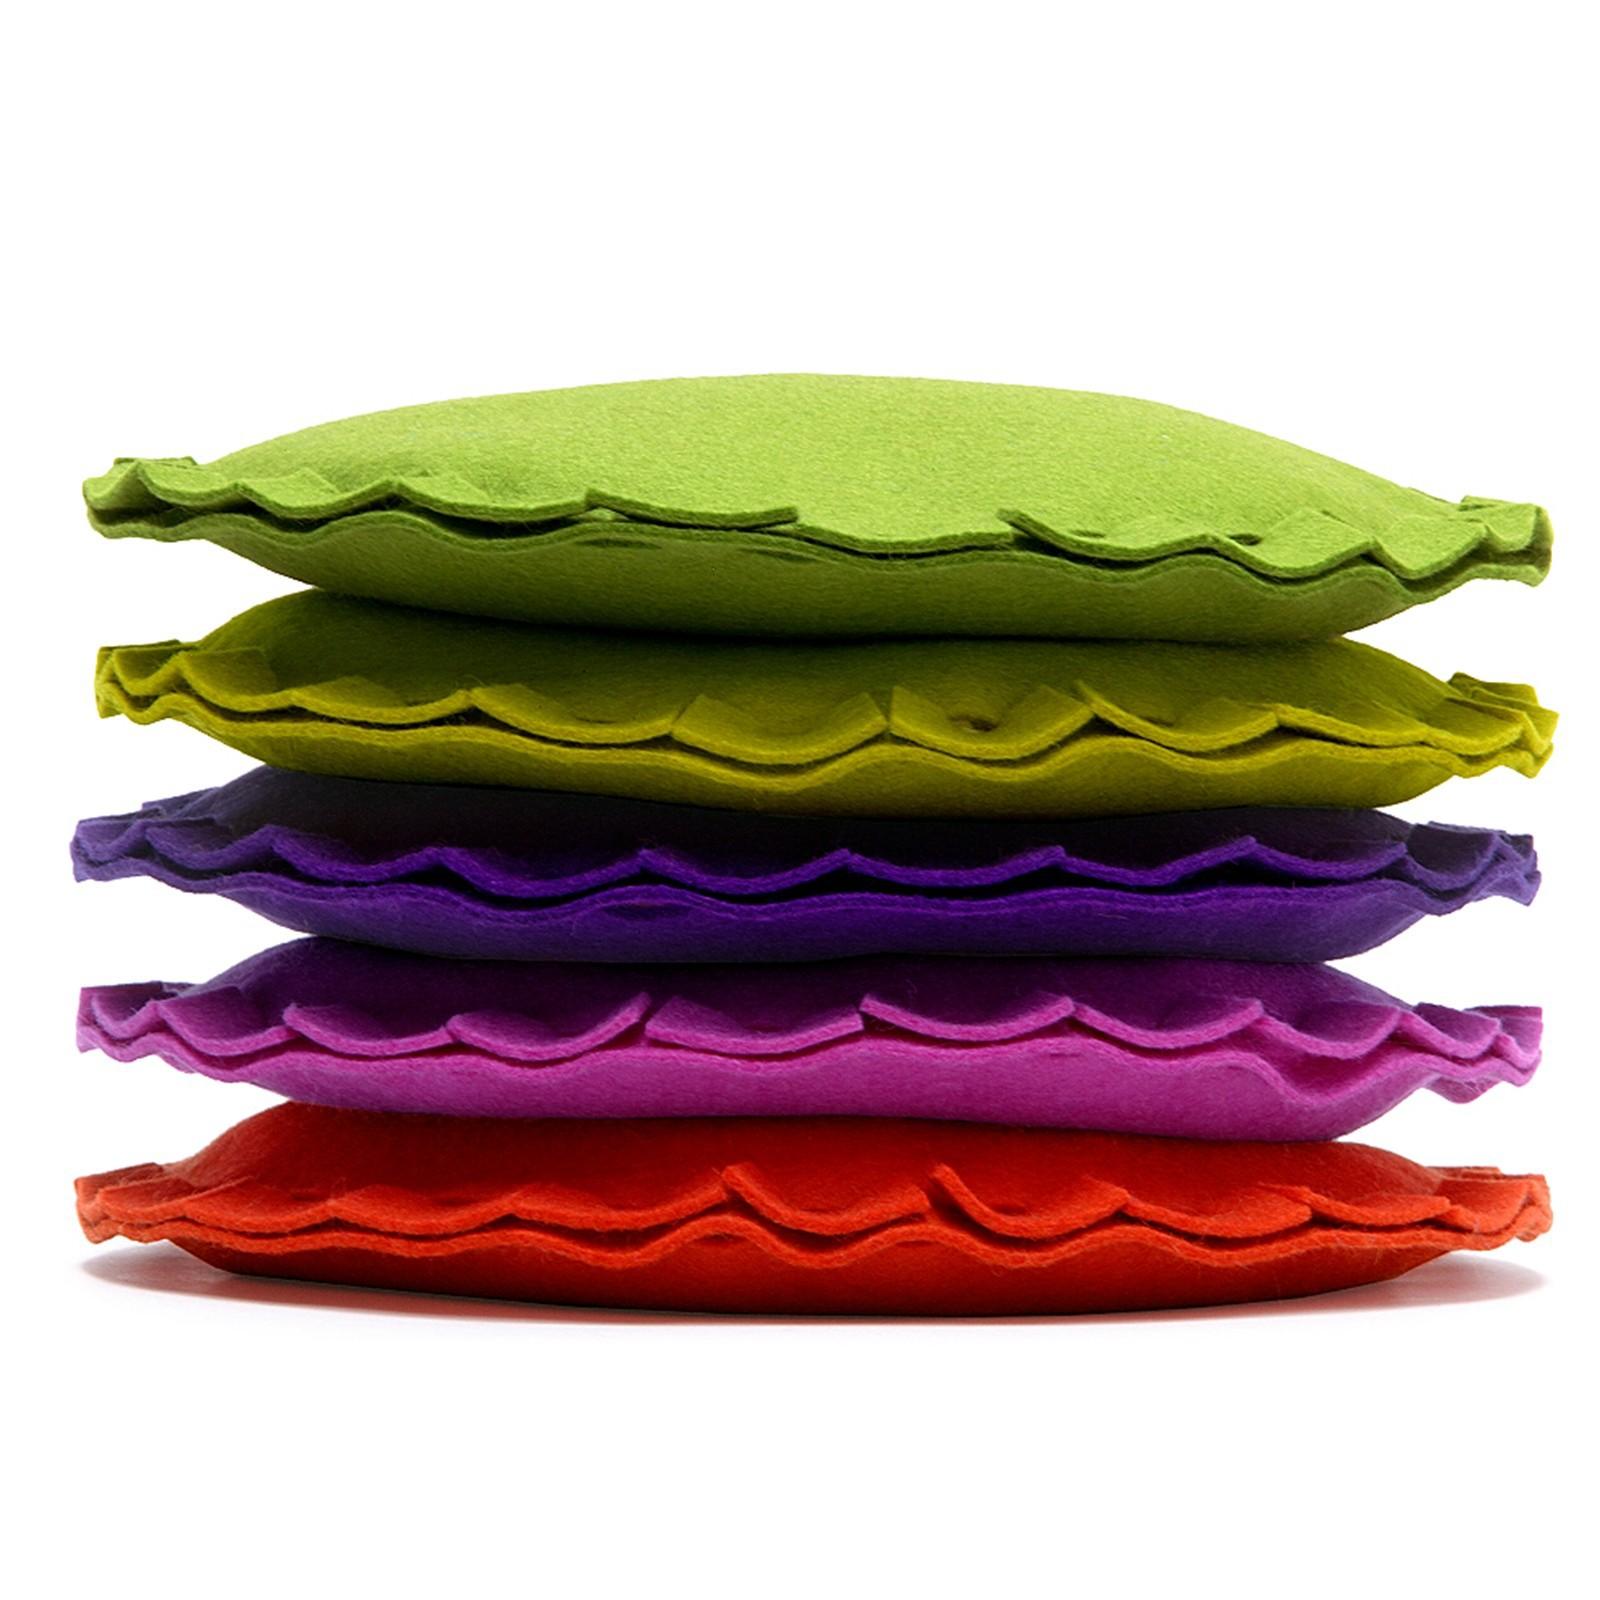 Dekokissen Kissen rund Filz viele Farben Hey Sign PAI